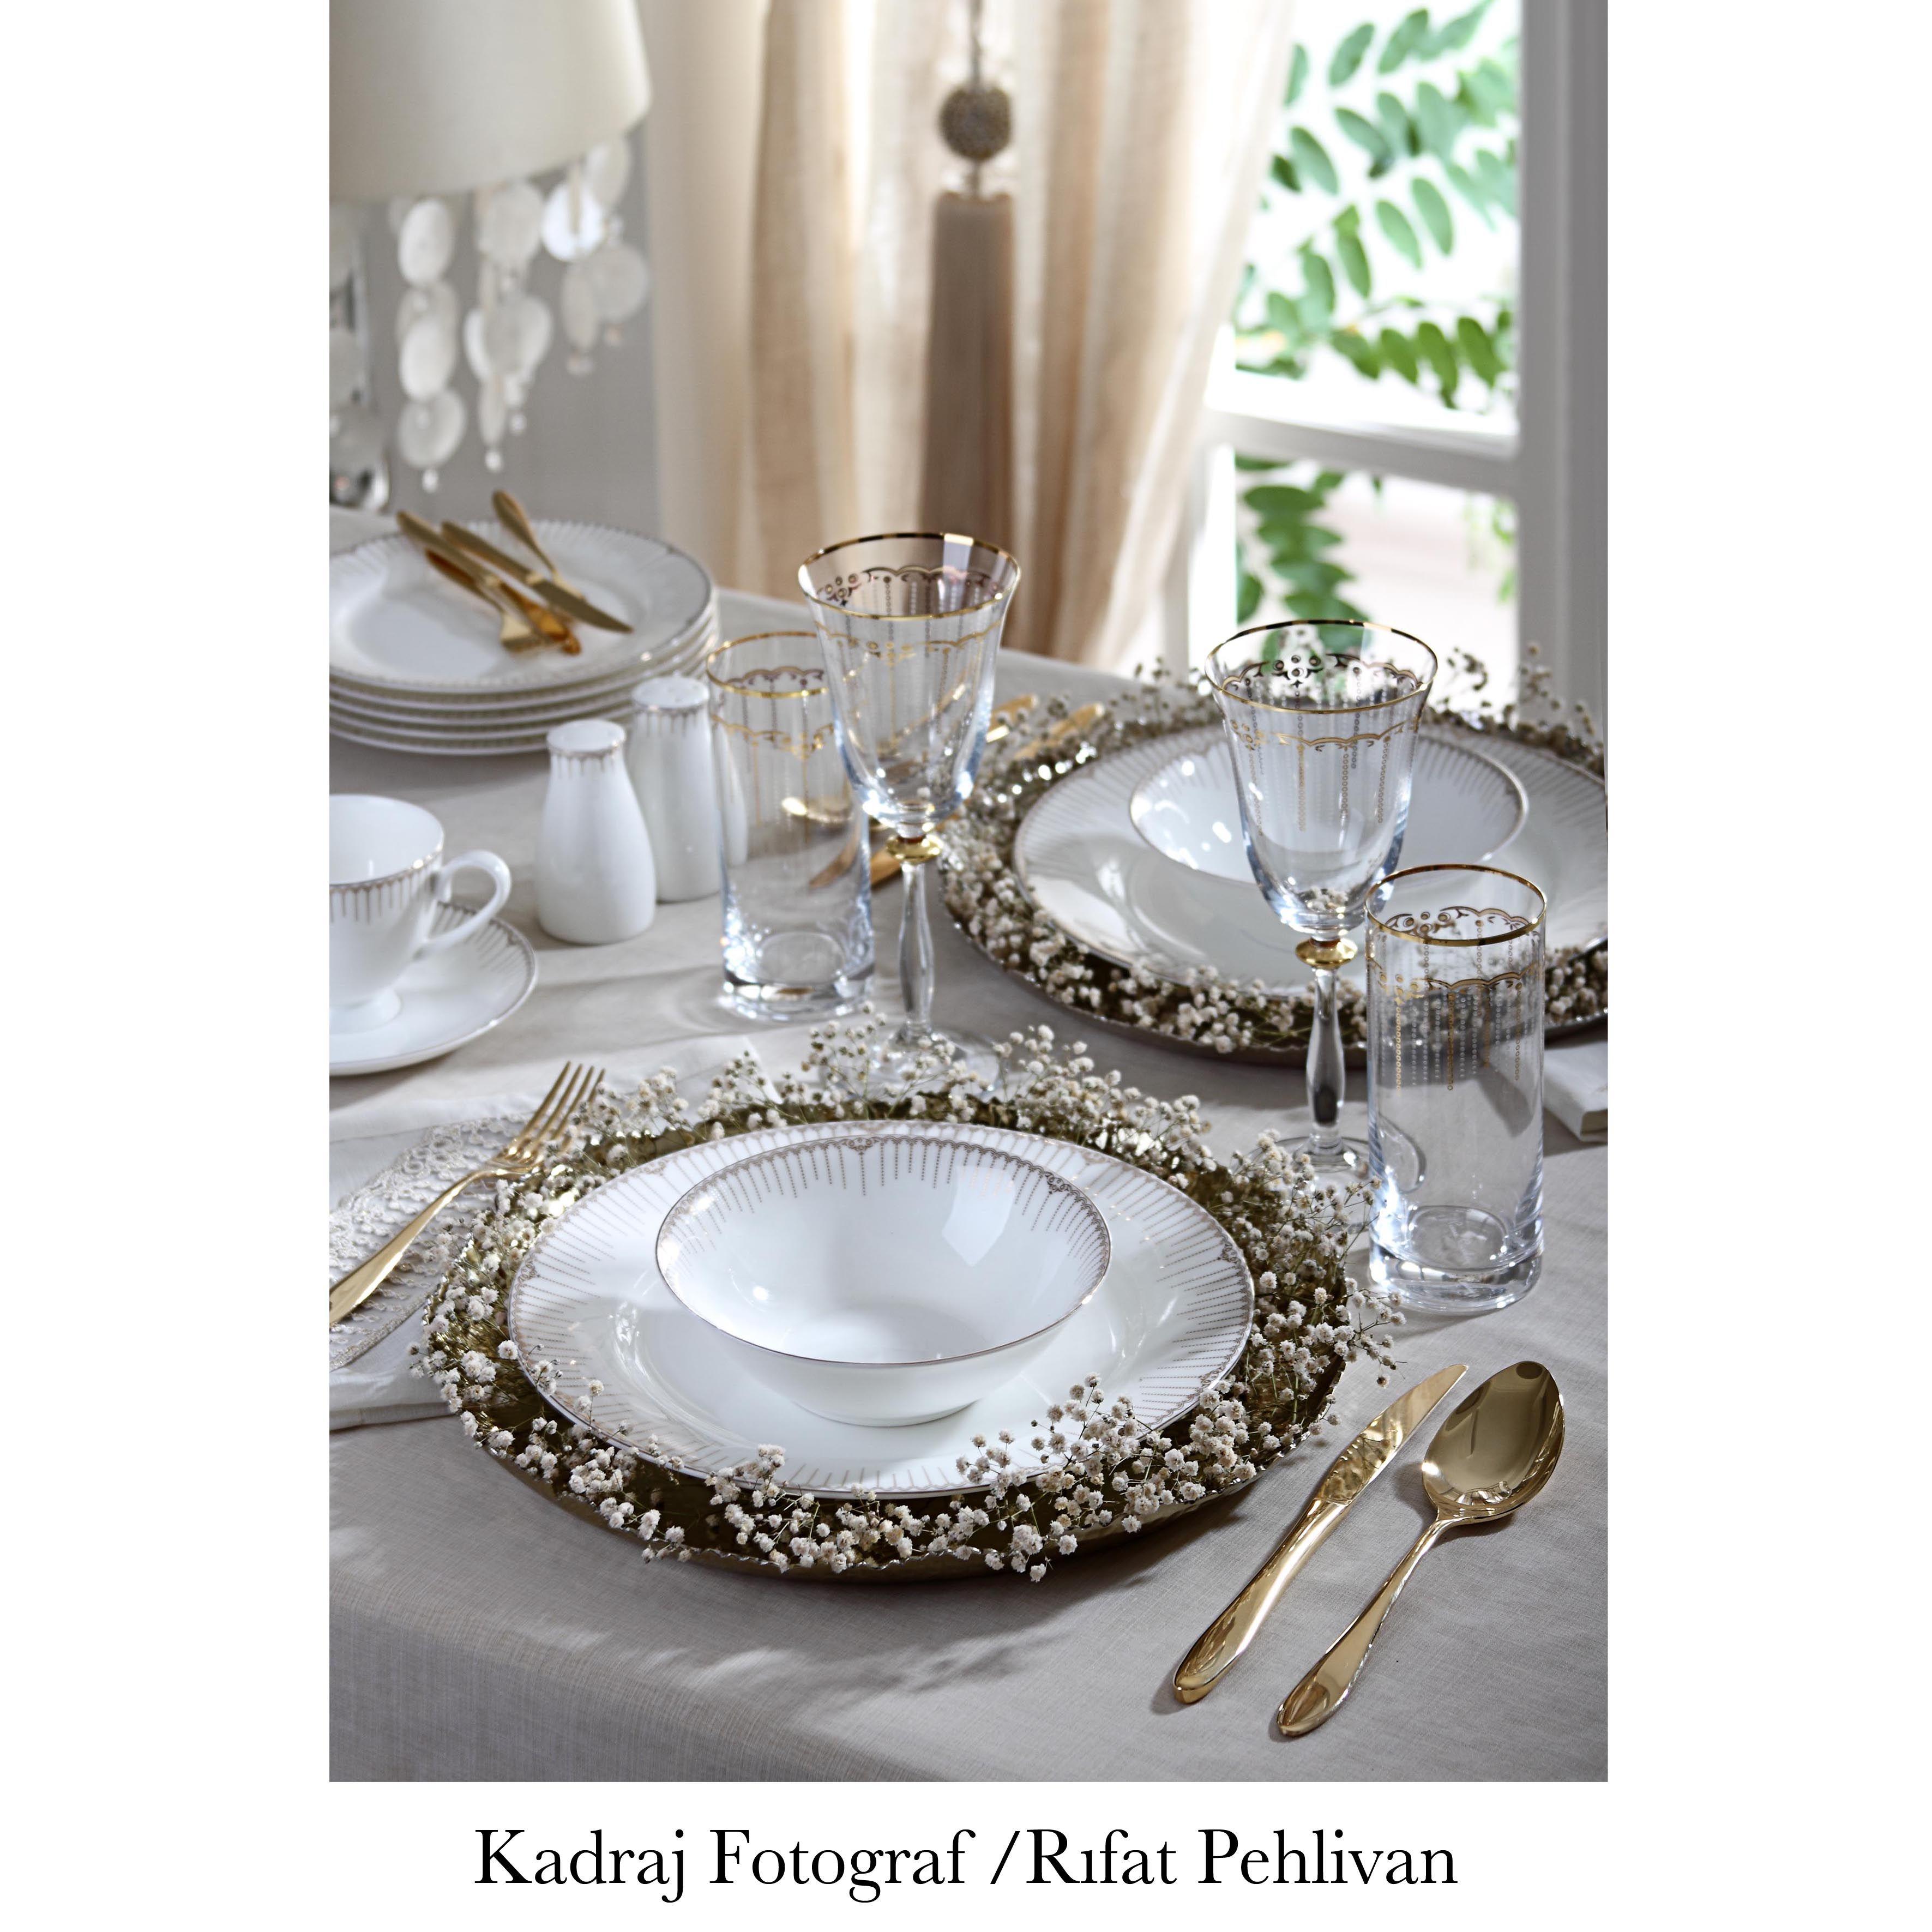 Pierre Cardin Linens Yemek ve Kahvaltı Takımları